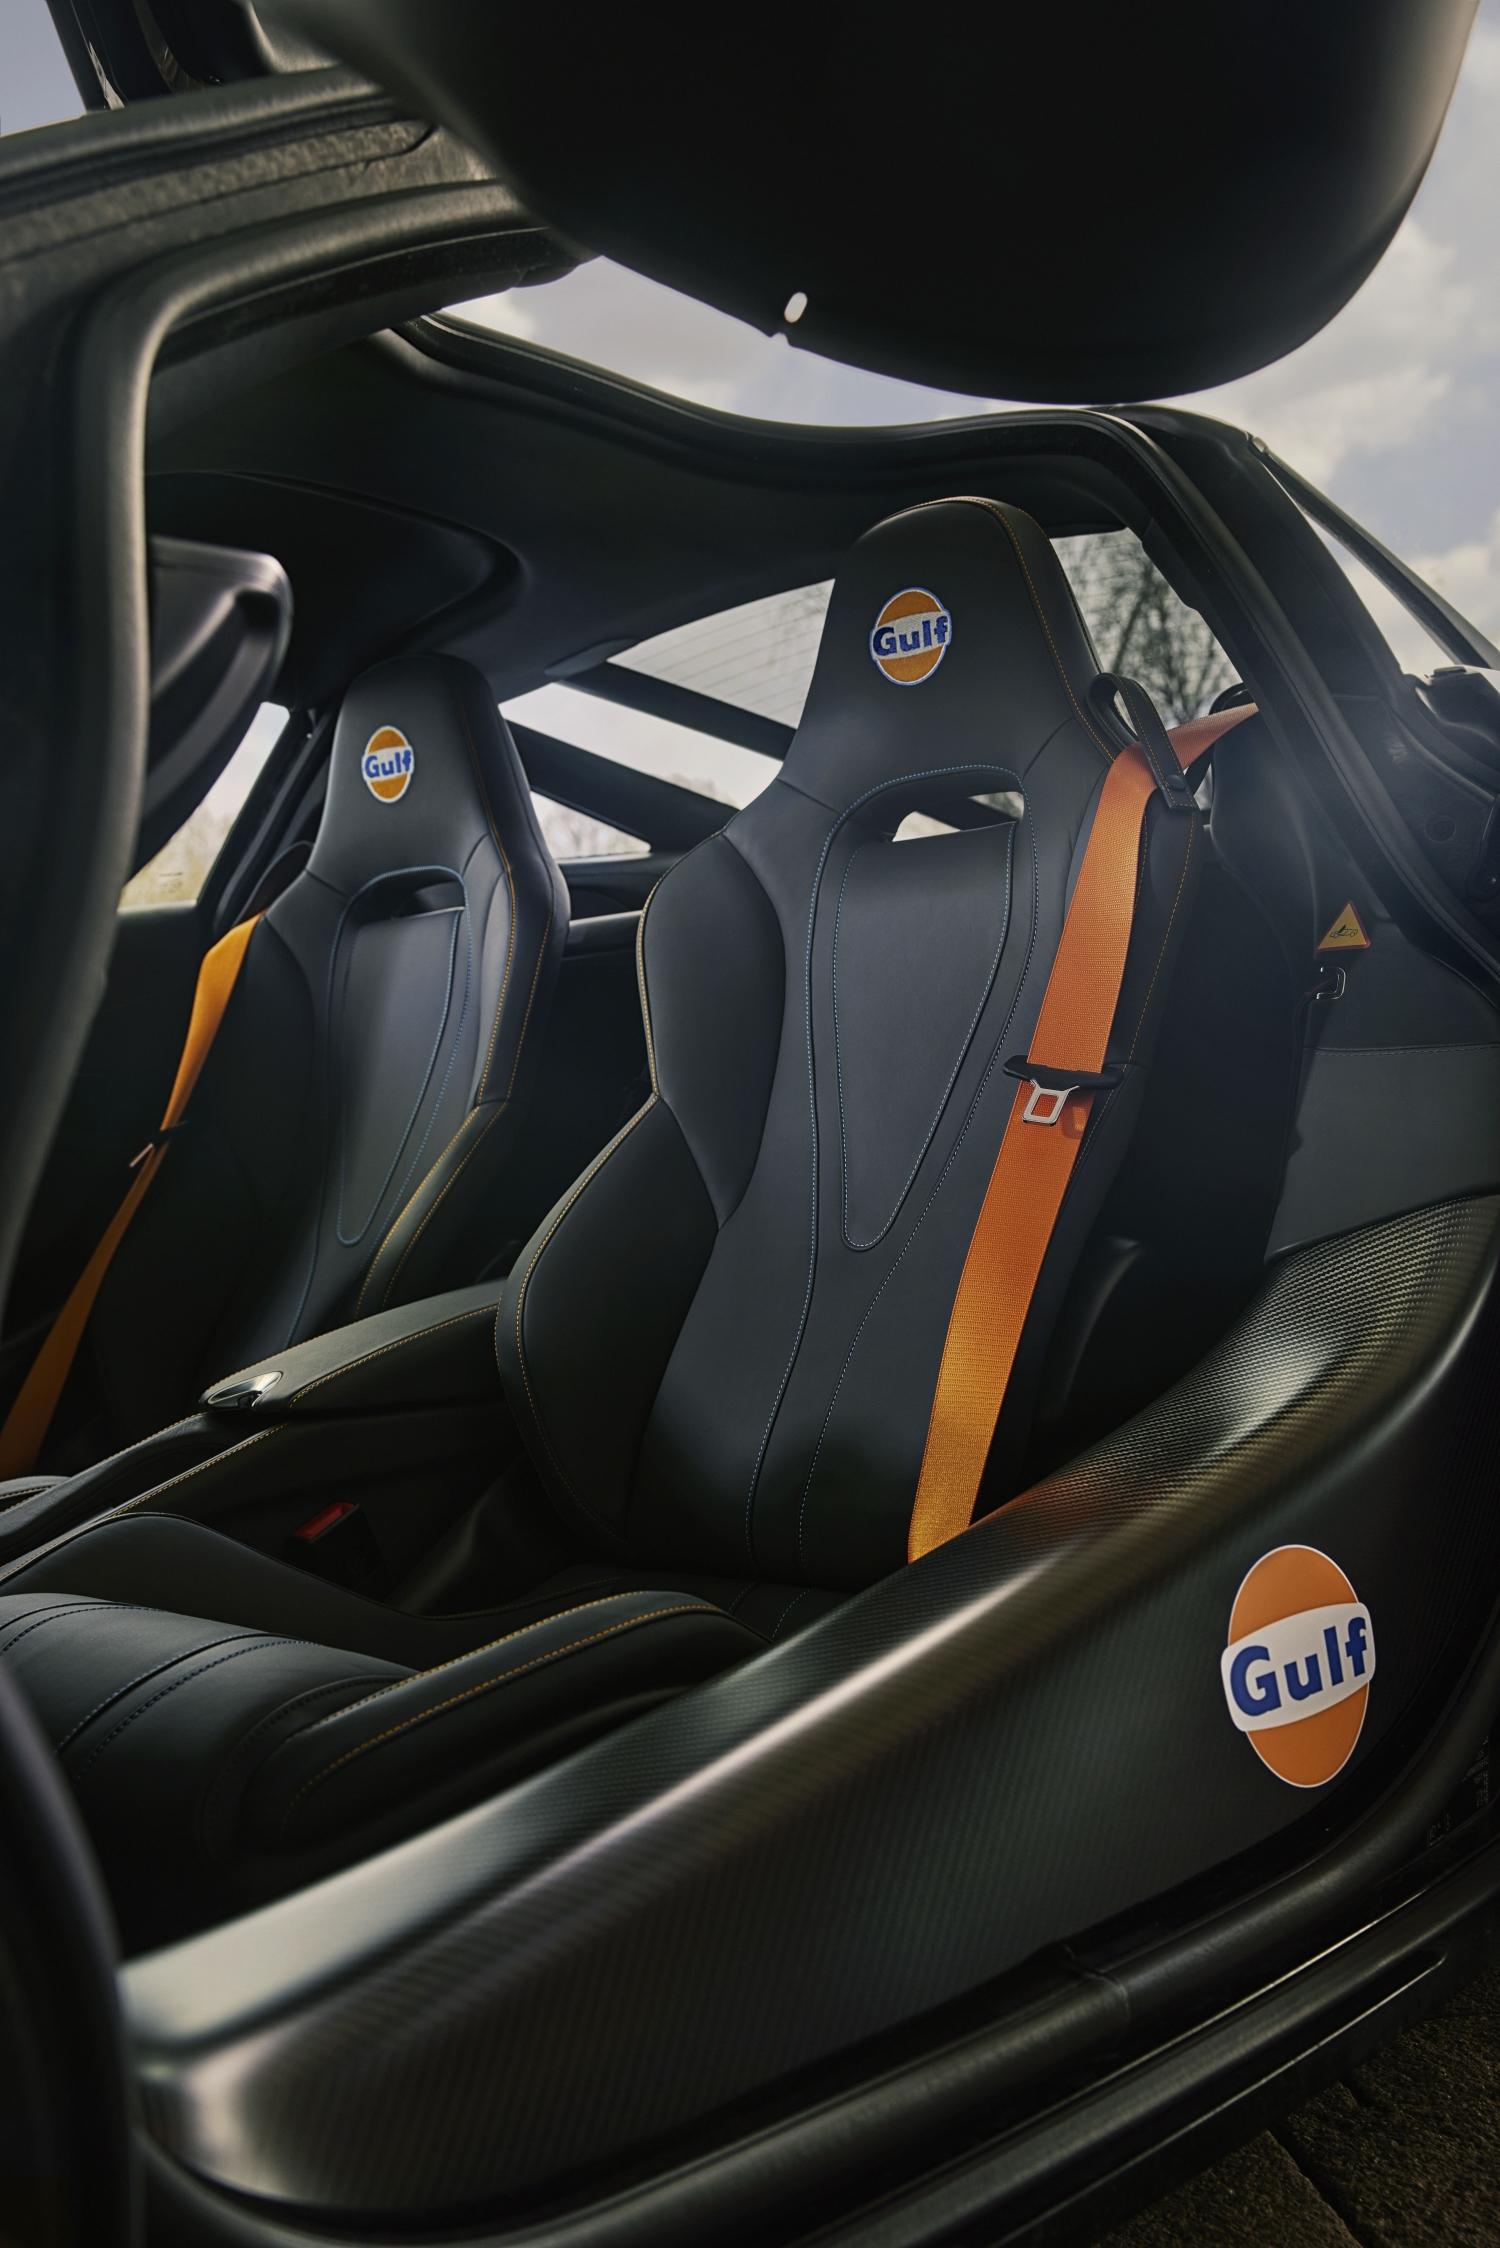 McLaren Gulf Livery 720S interior